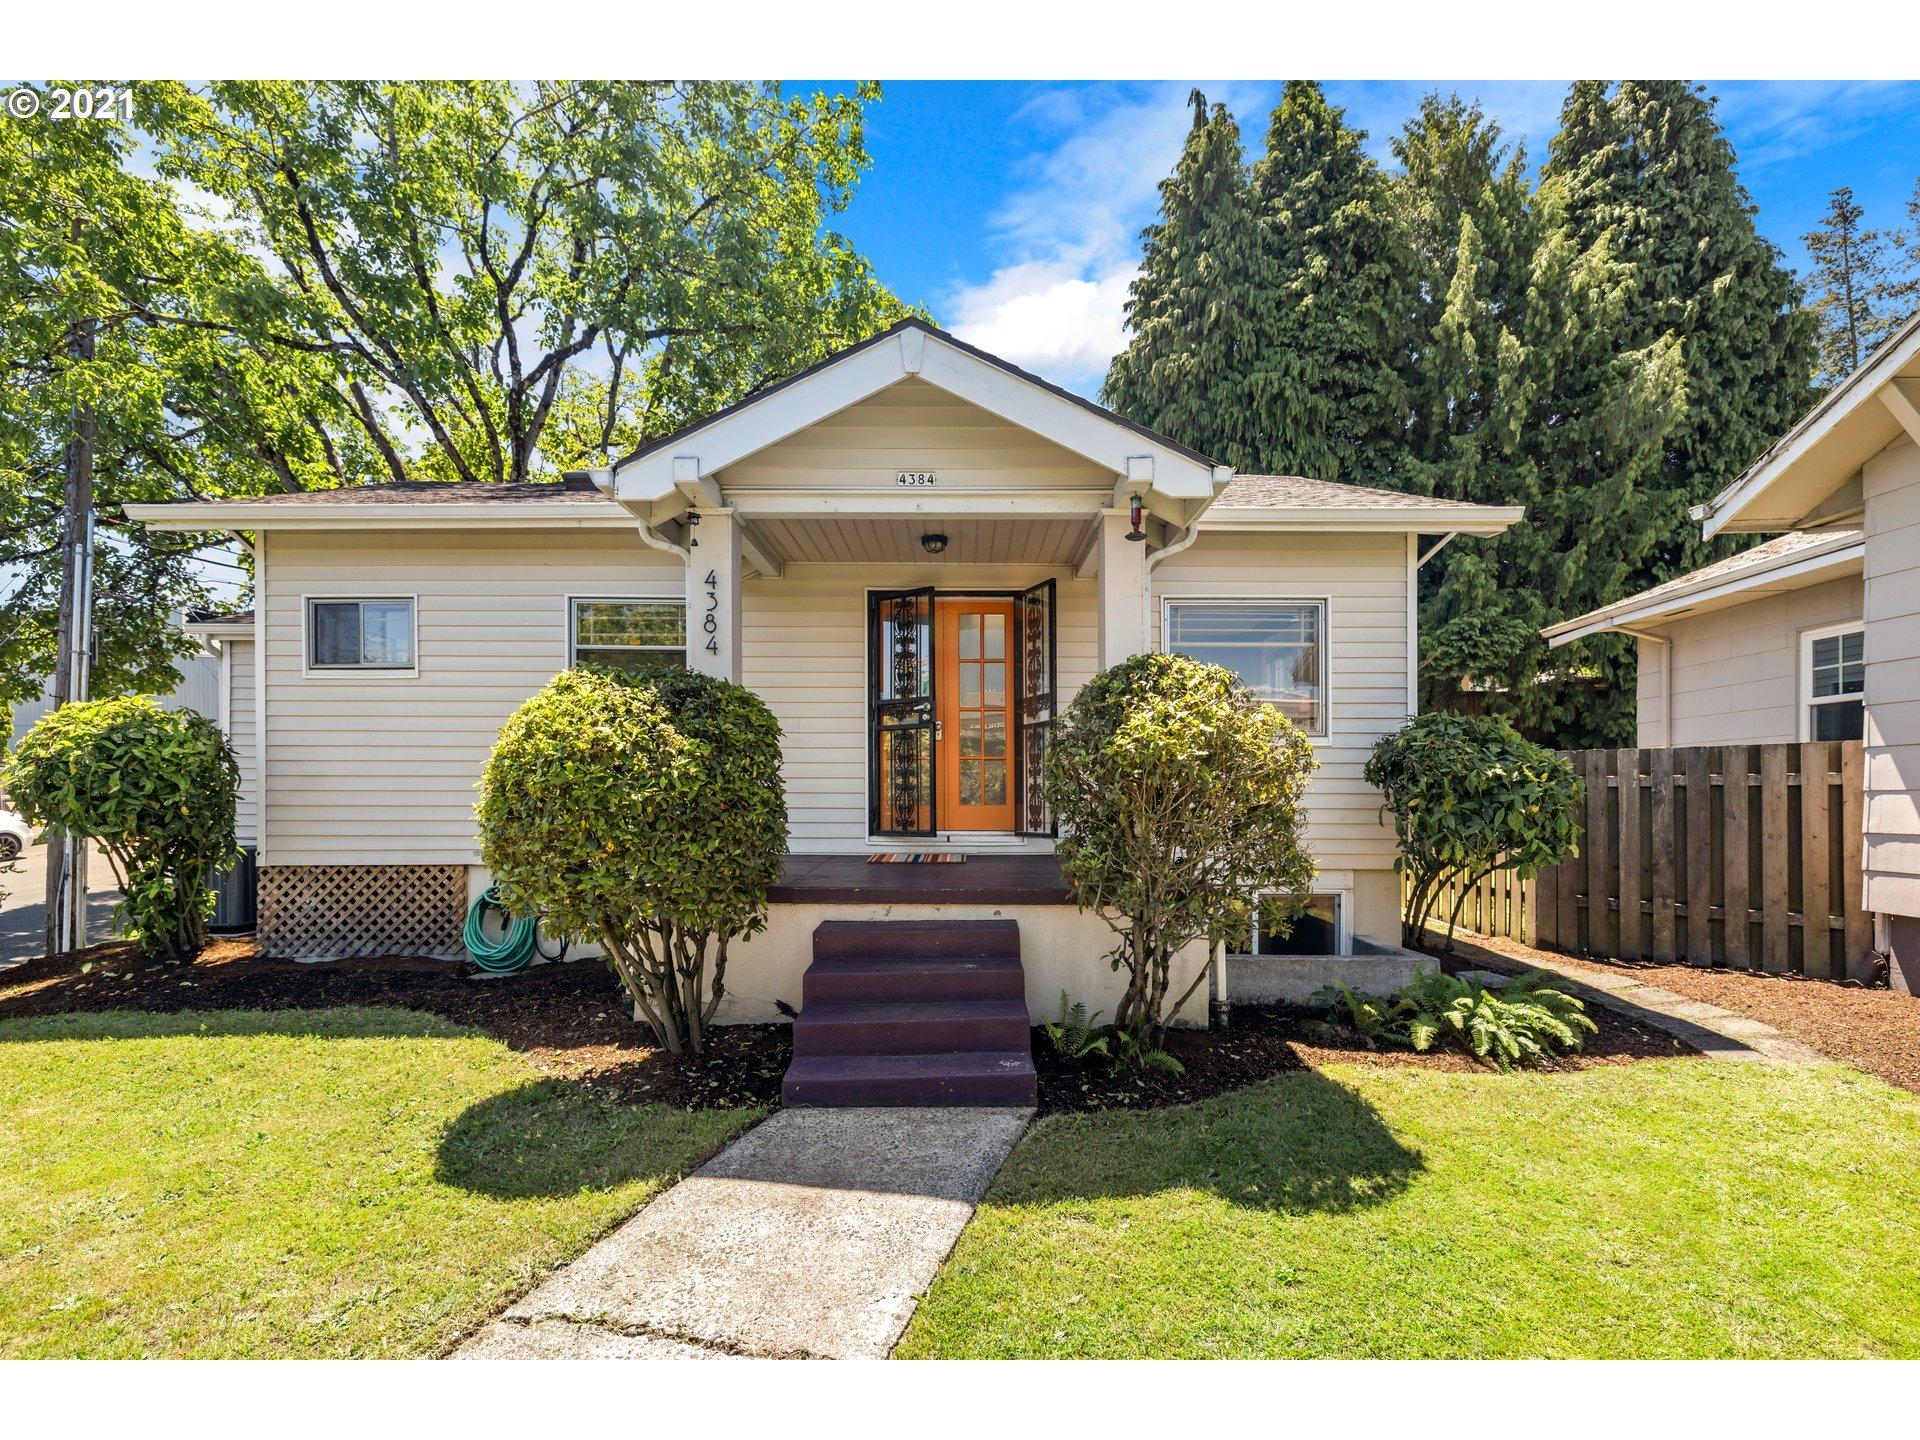 4384 NE SENATE ST, Portland OR 97213